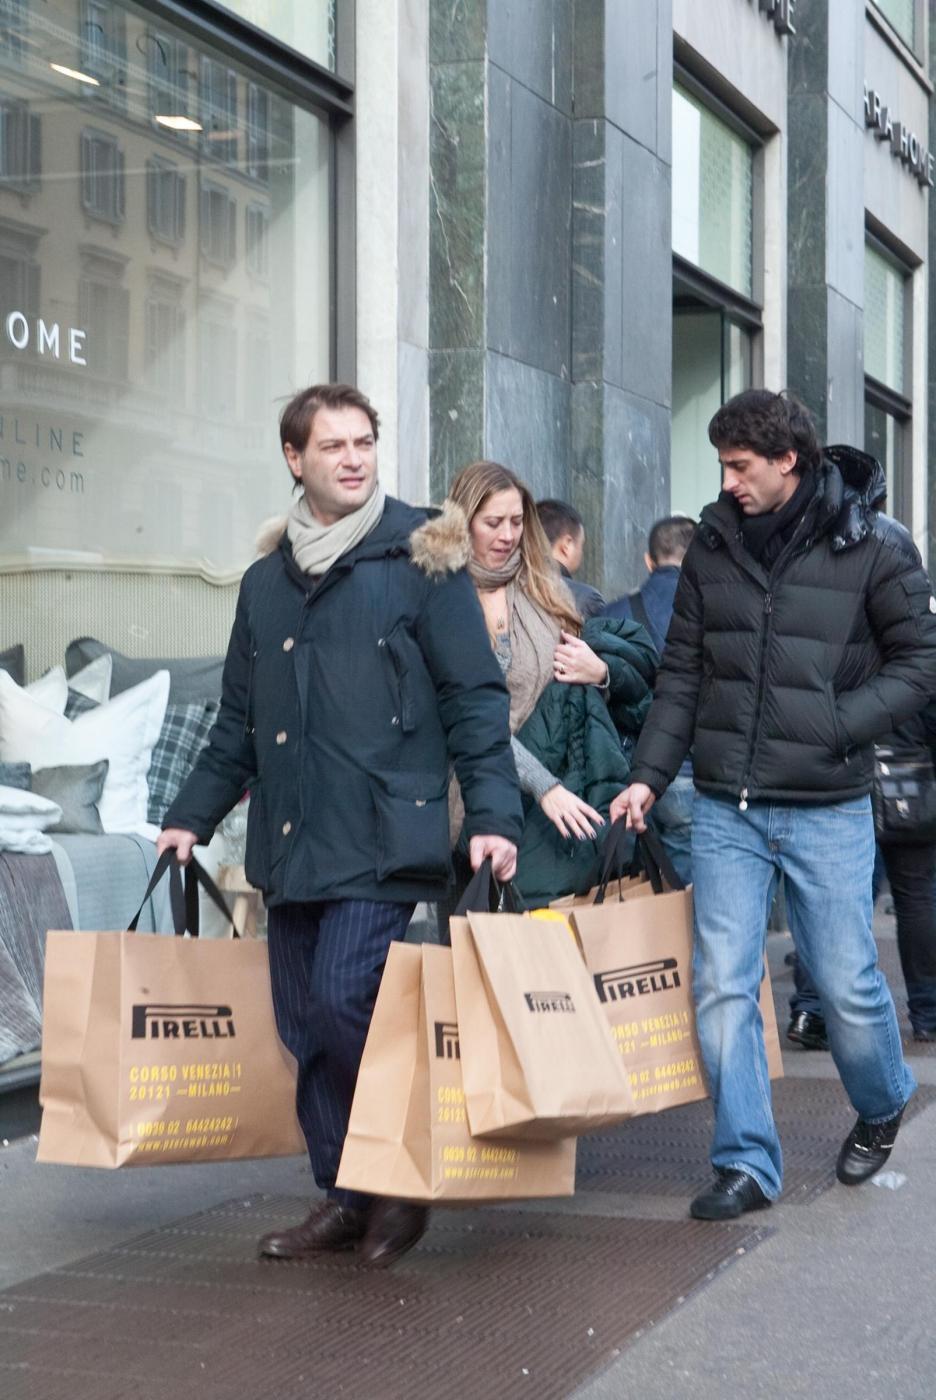 Diego Milito al Flagship Store di Pirelli in Corso Venezia a Milano01